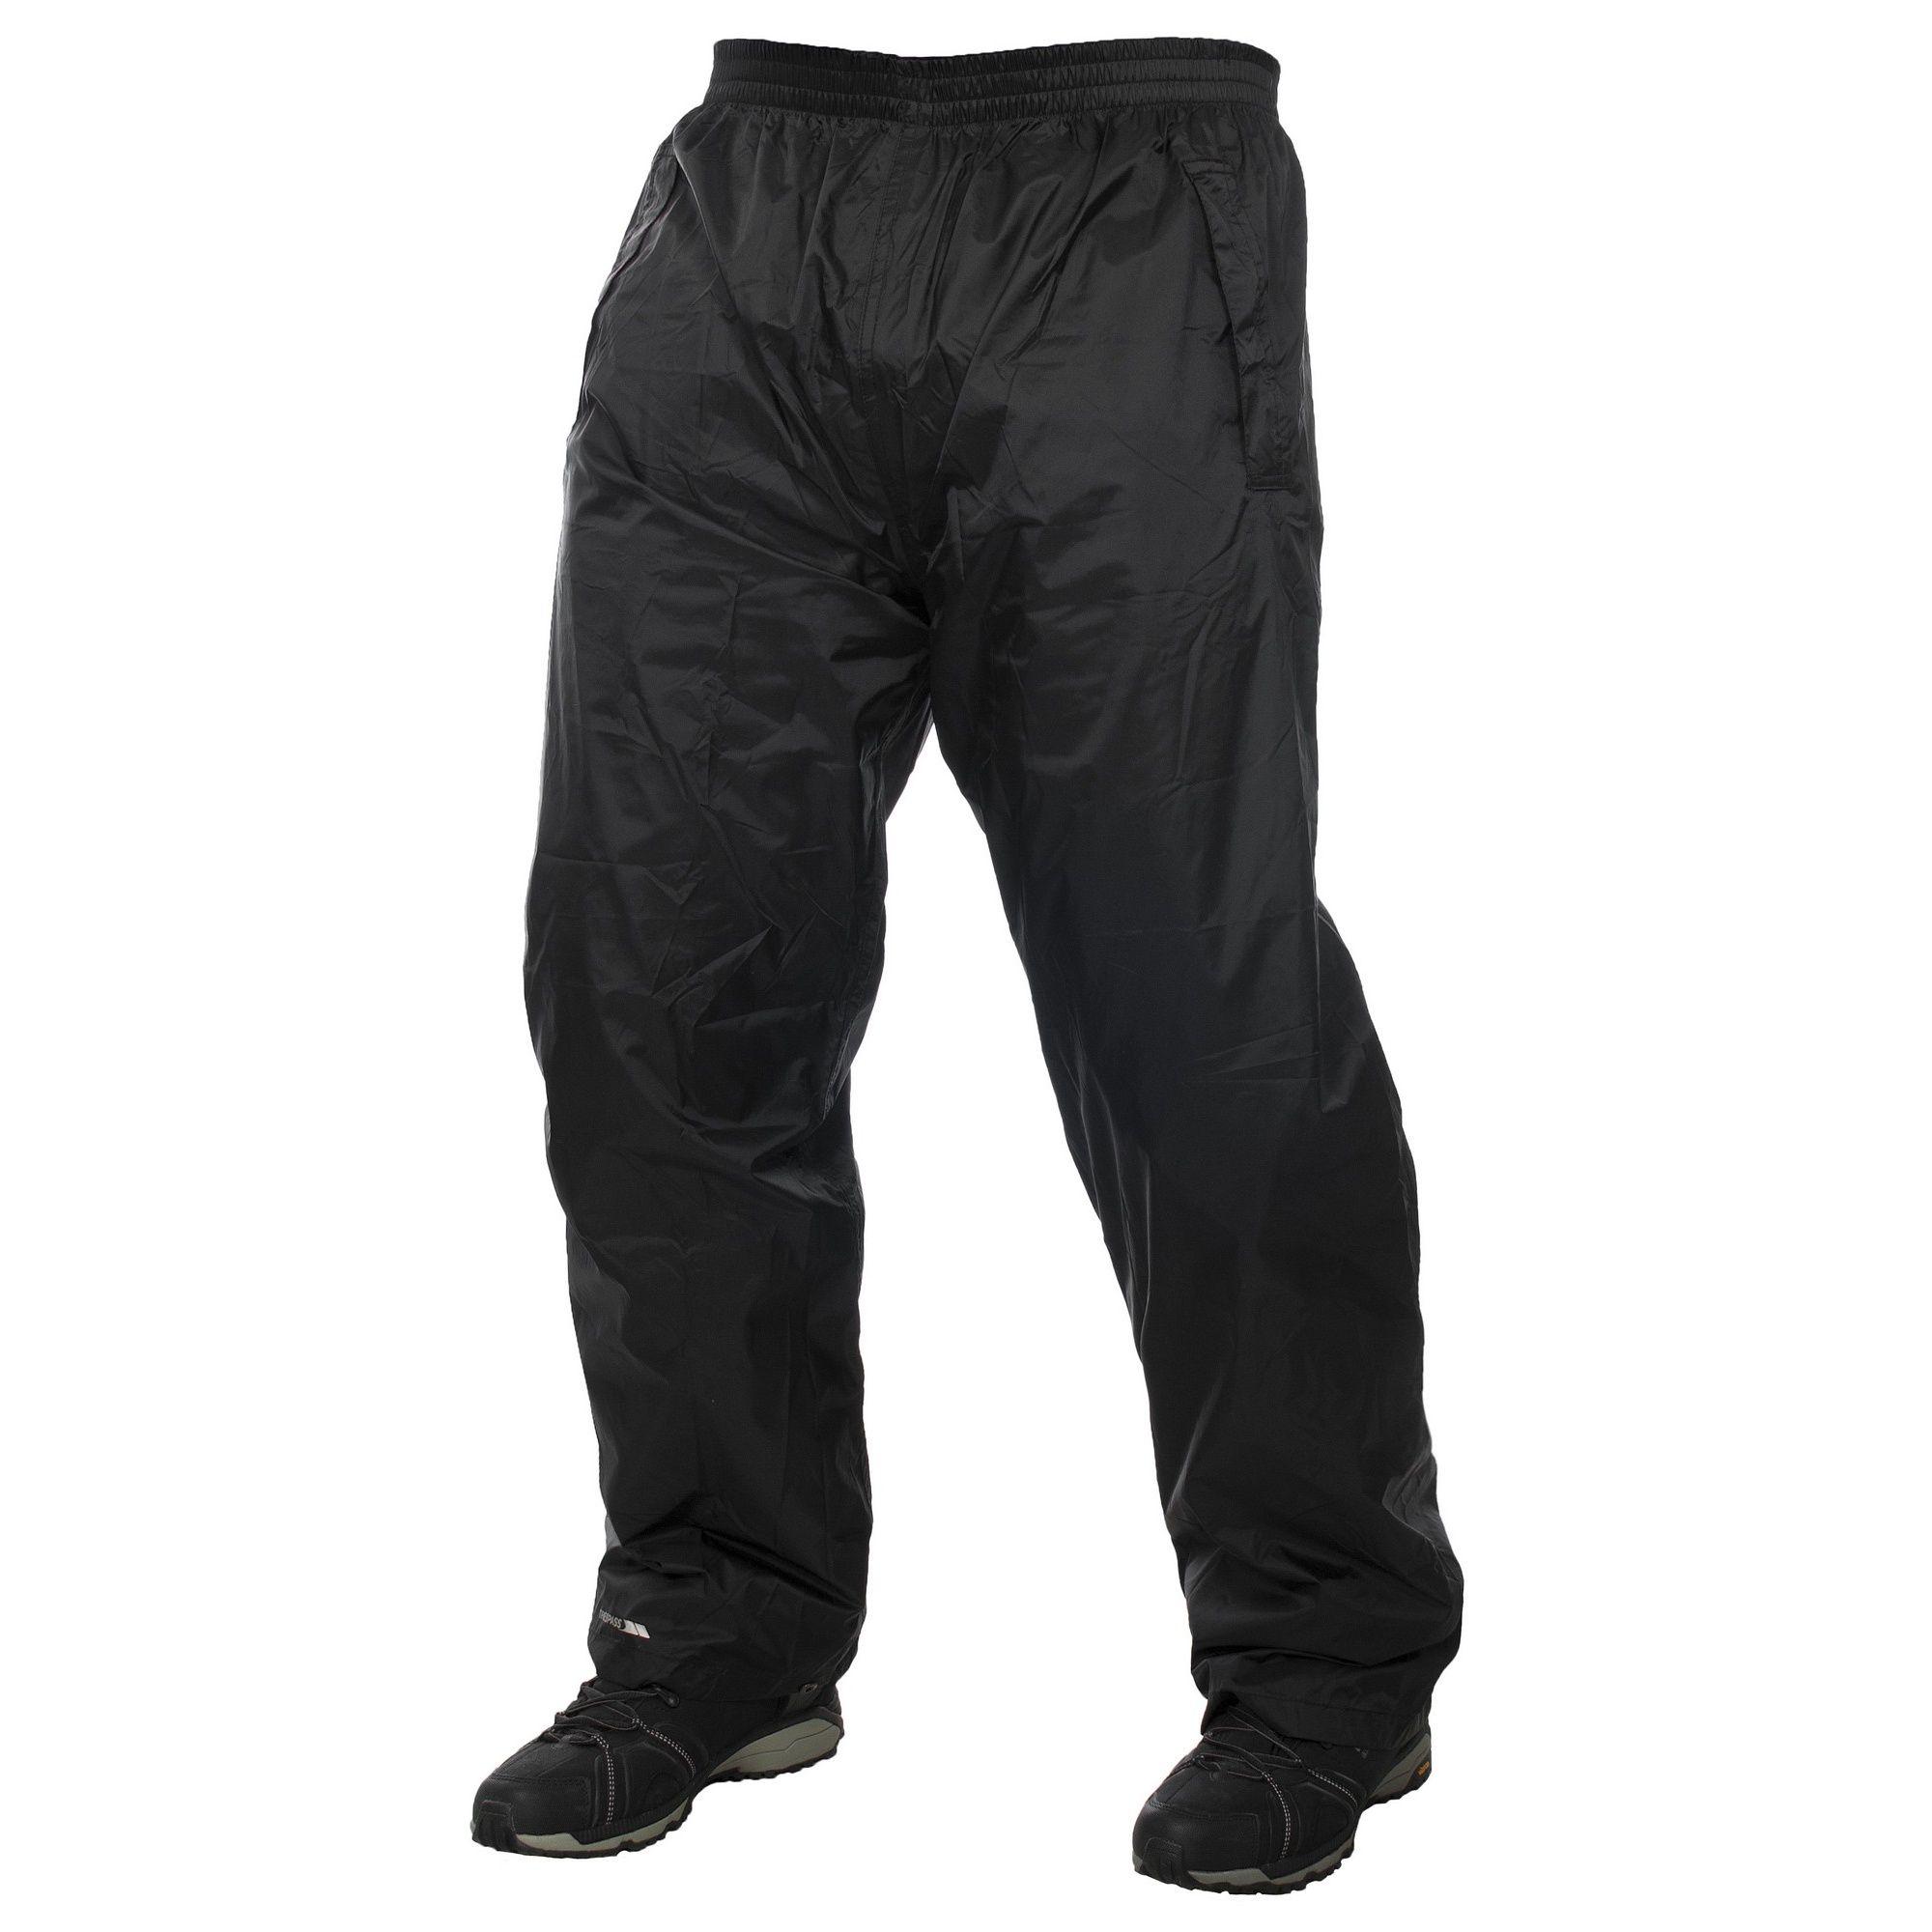 Trespass Kids Unisex Packa Packaway Waterproof Trousers